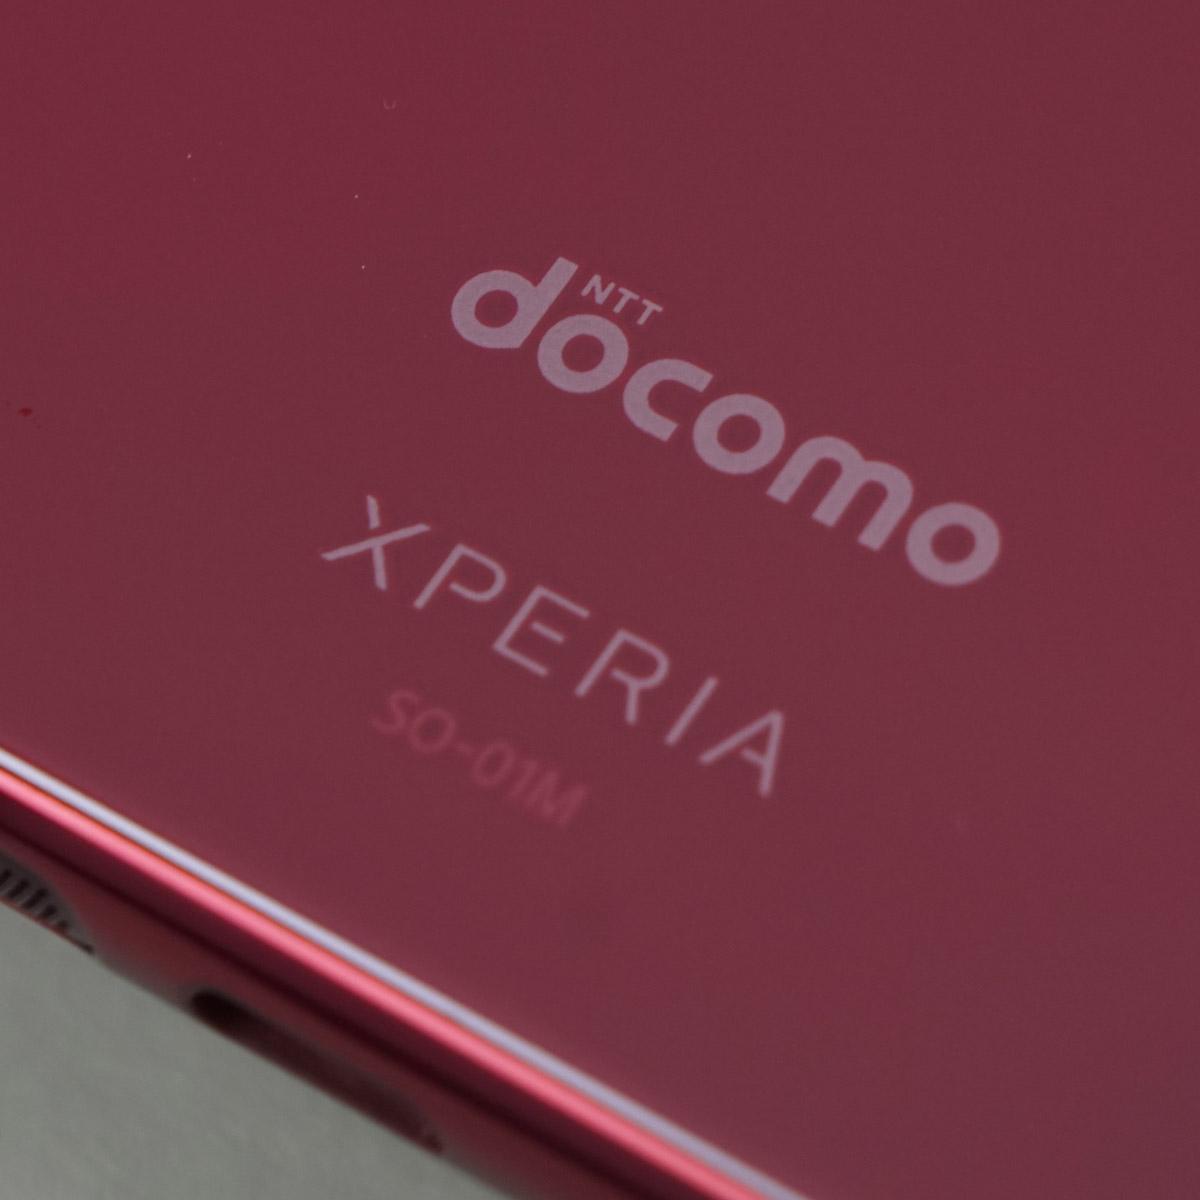 価格.comでも人気の「Xperia 5」を6日間使い倒した